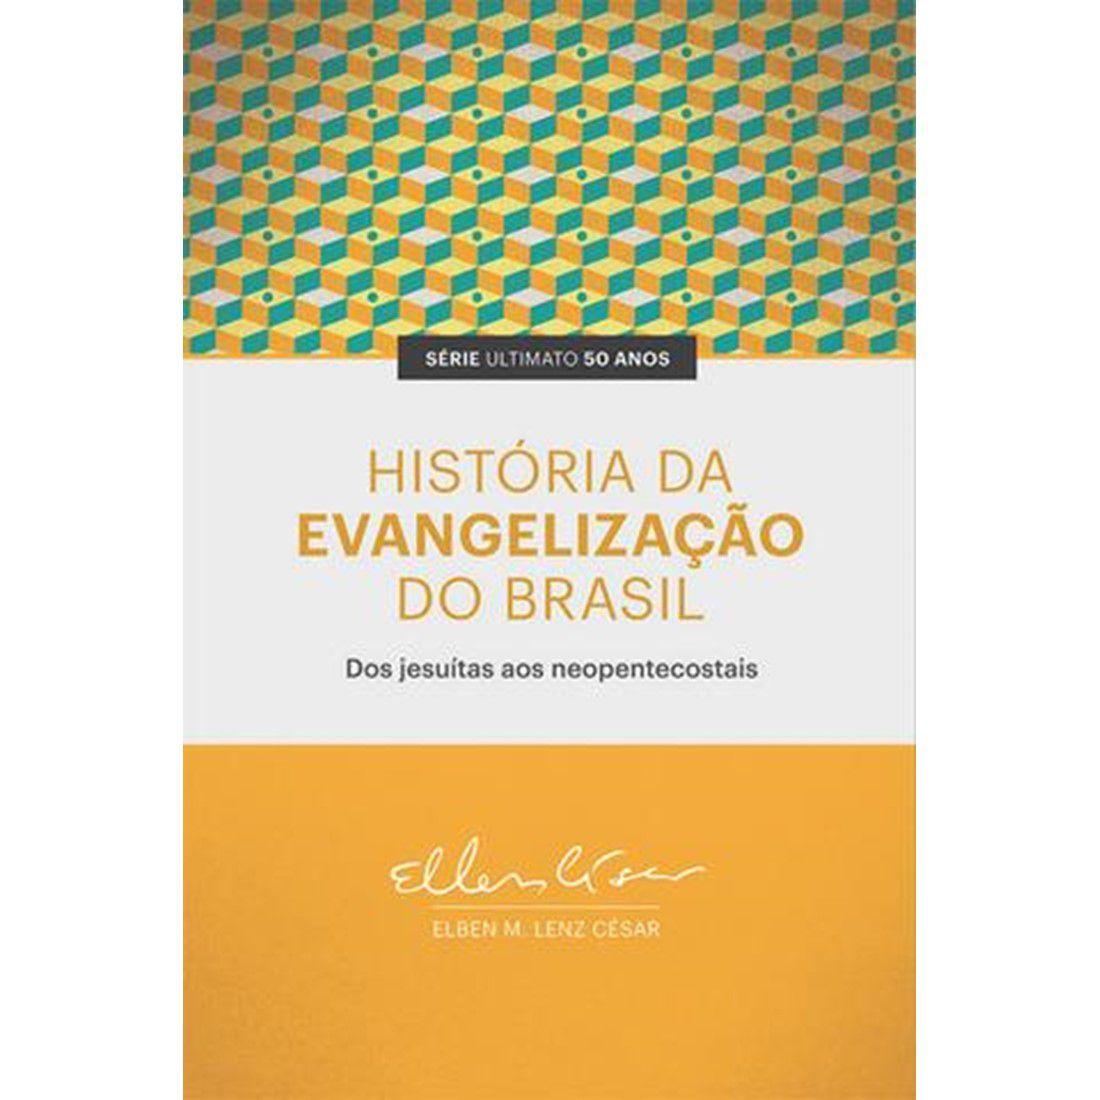 Livro História da Evangelização do Brasil